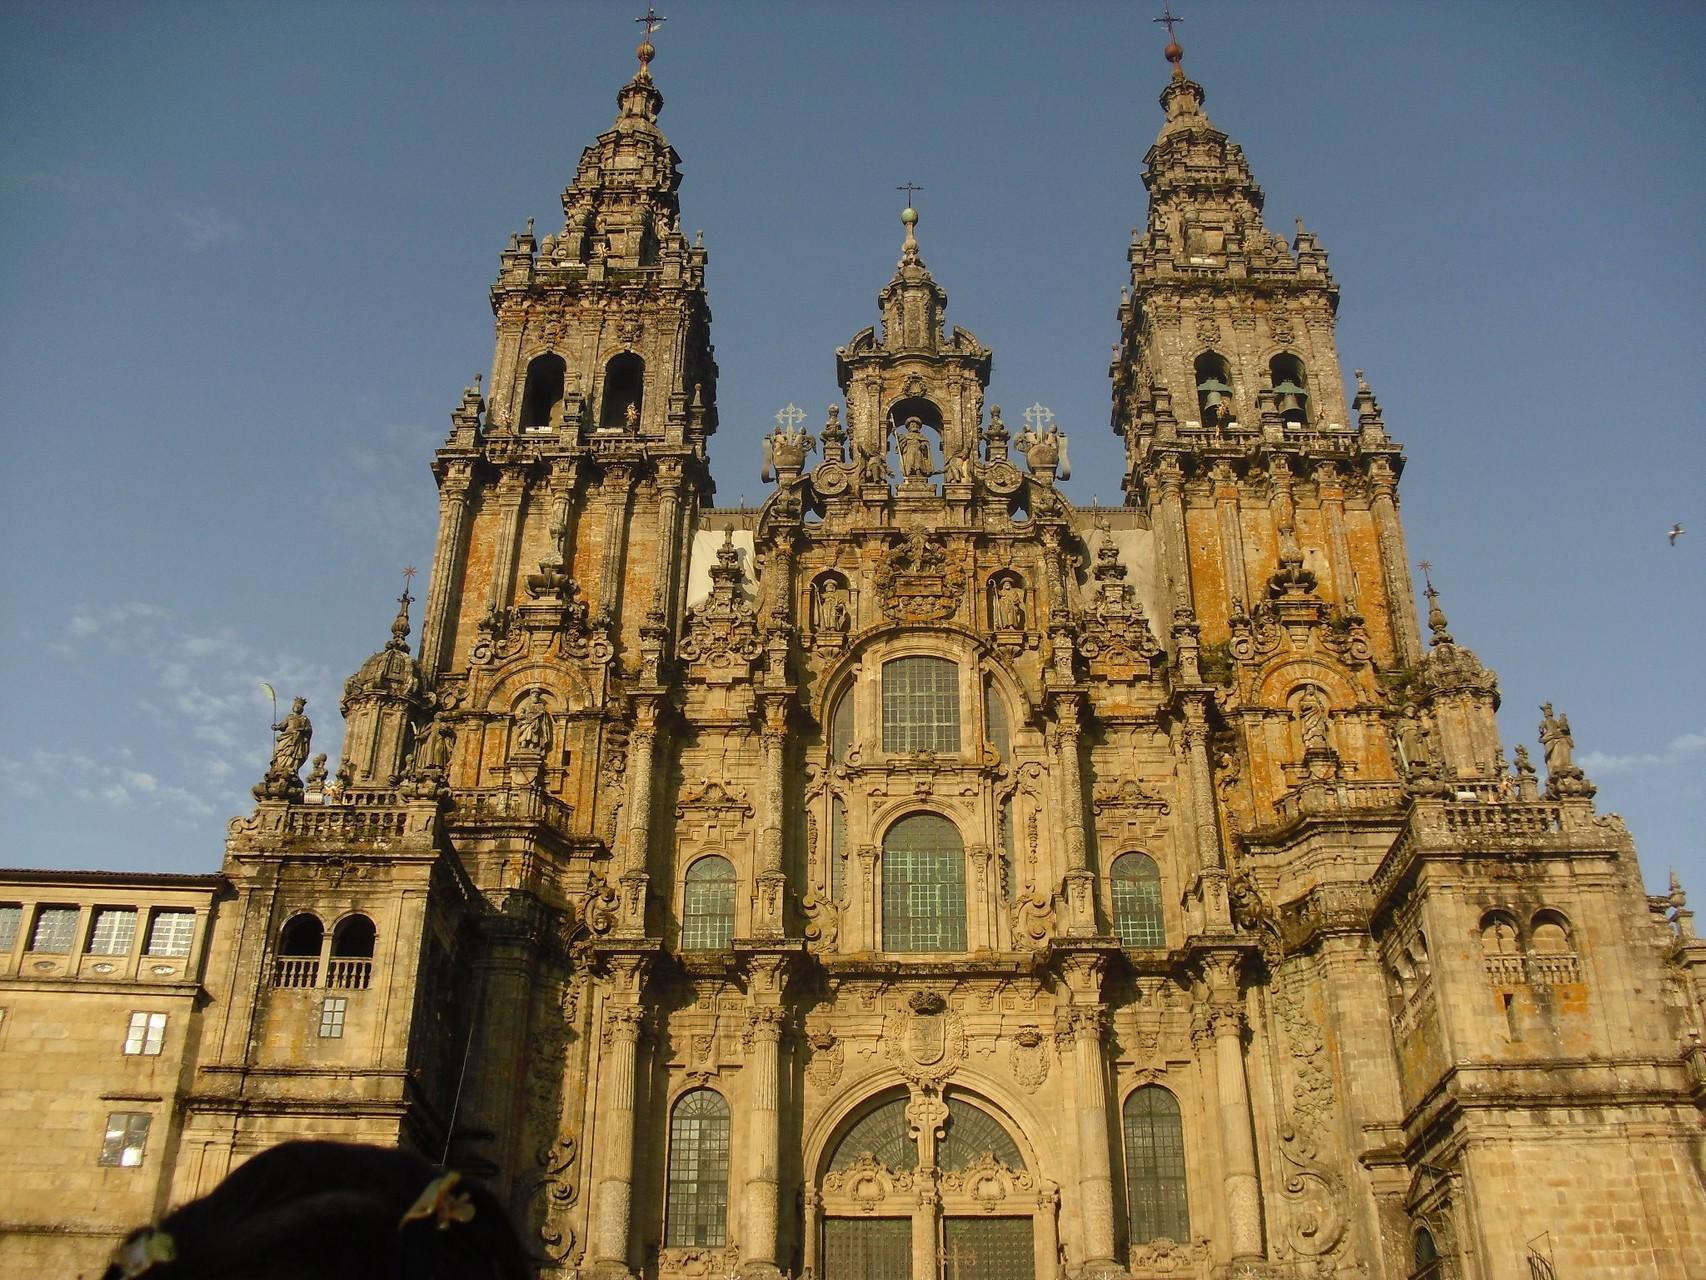 La cathédrale de Saint Jacques de Compostelle